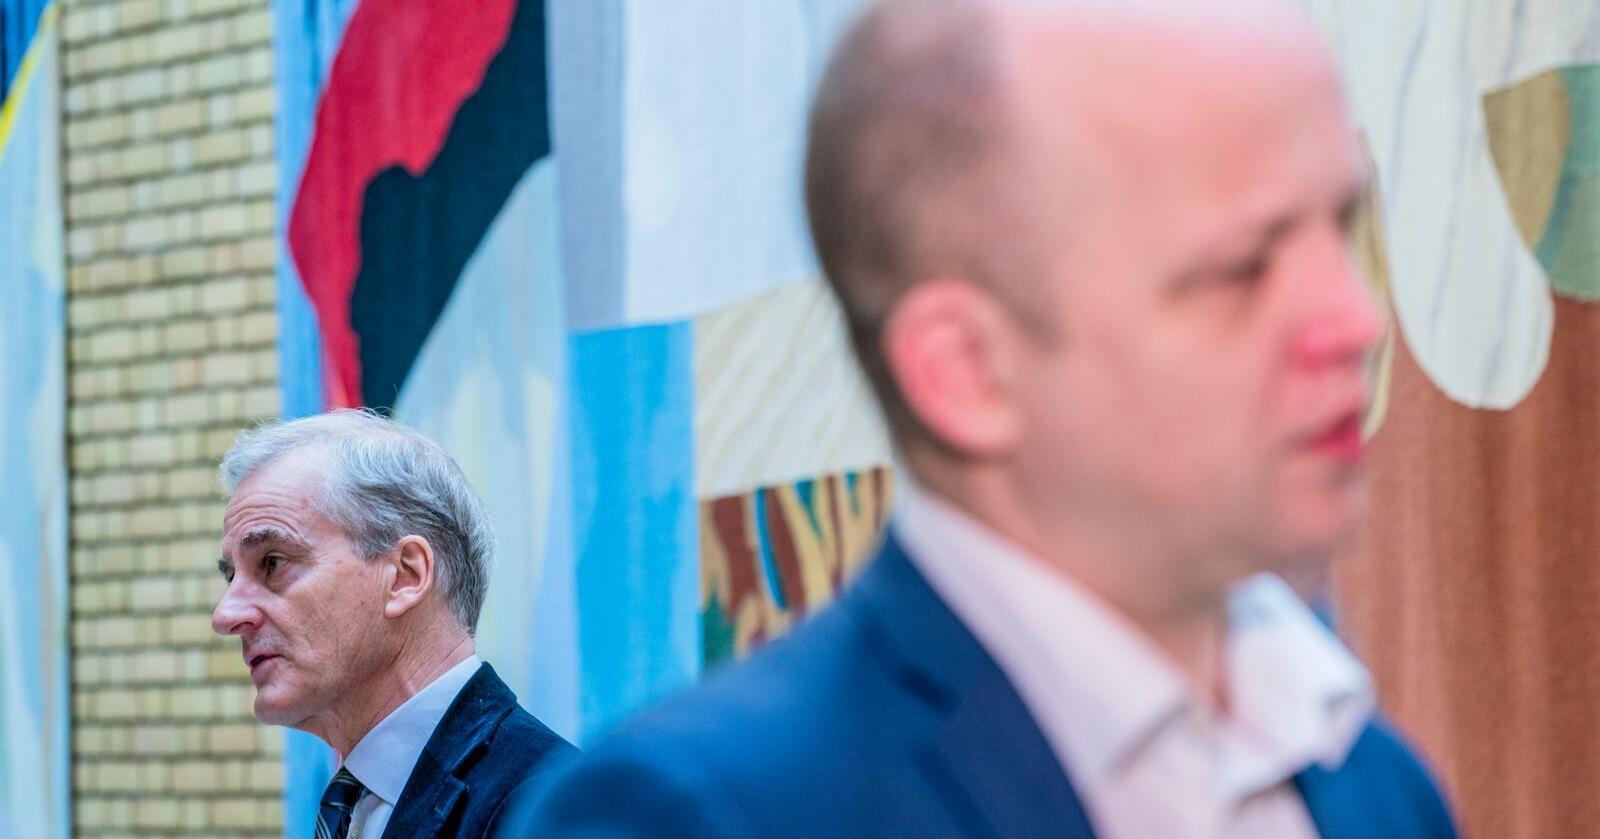 Ap-nestleder Bjørnar Skjæran mener Senterpartiet snart bør begynne å lytte til egne velgere om EØS. Her er Ap-leder Jonas Gahr Støre (Ap) og Sp-leder Trygve Slagsvold Vedum (Sp) på Stortinget. Foto: Stian Lysberg Solum / NTB